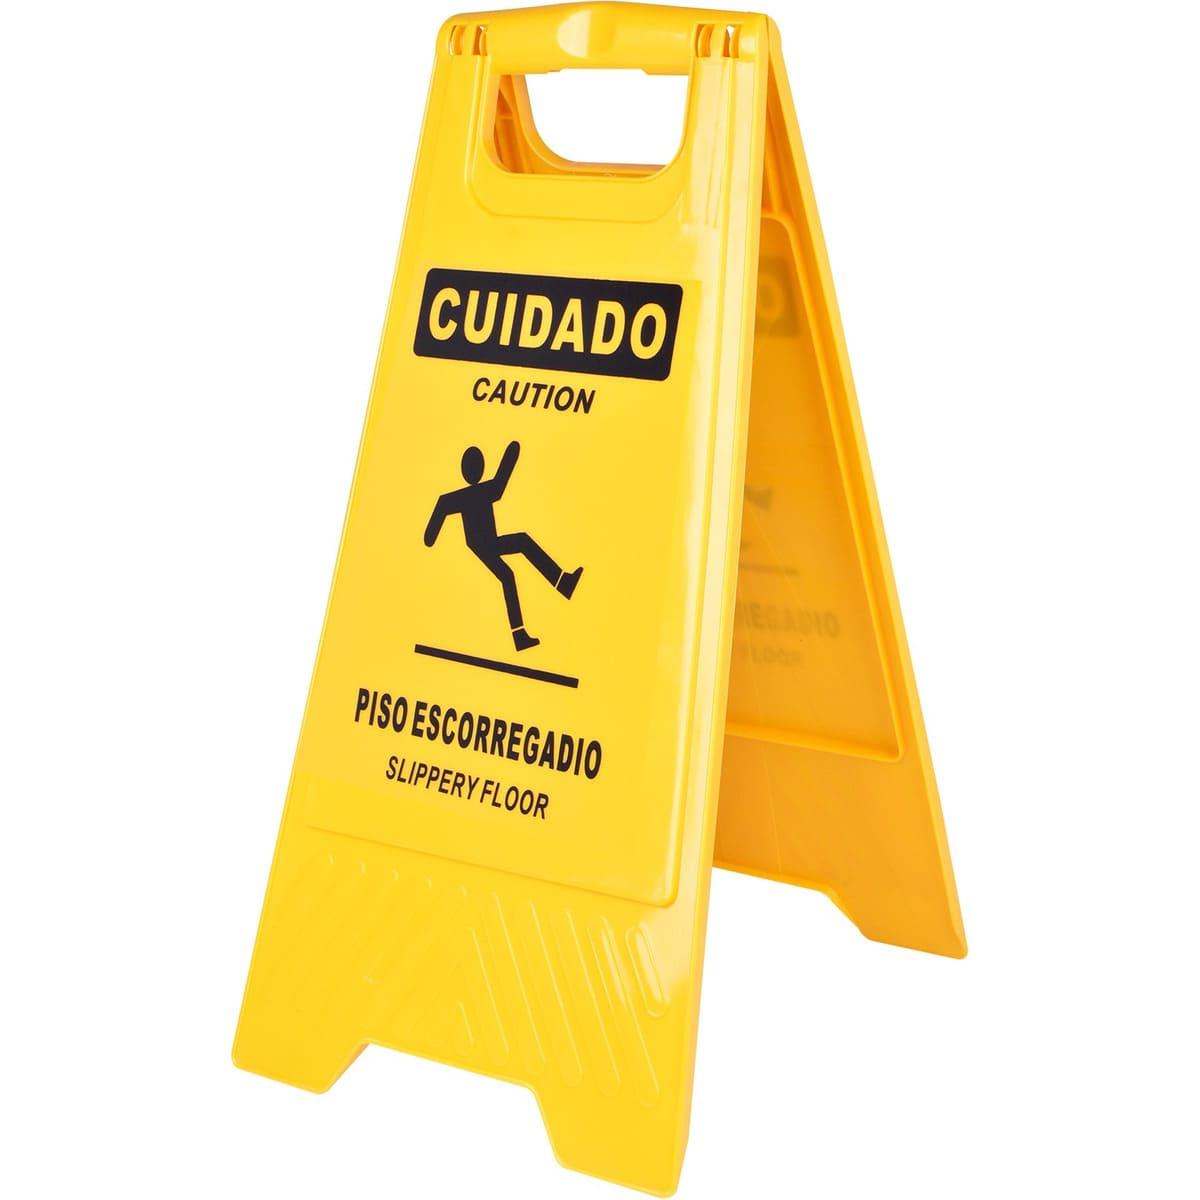 CAVALETE DE SINALIZAÇÃO PISO ESCORREGADIO PLASTCOR